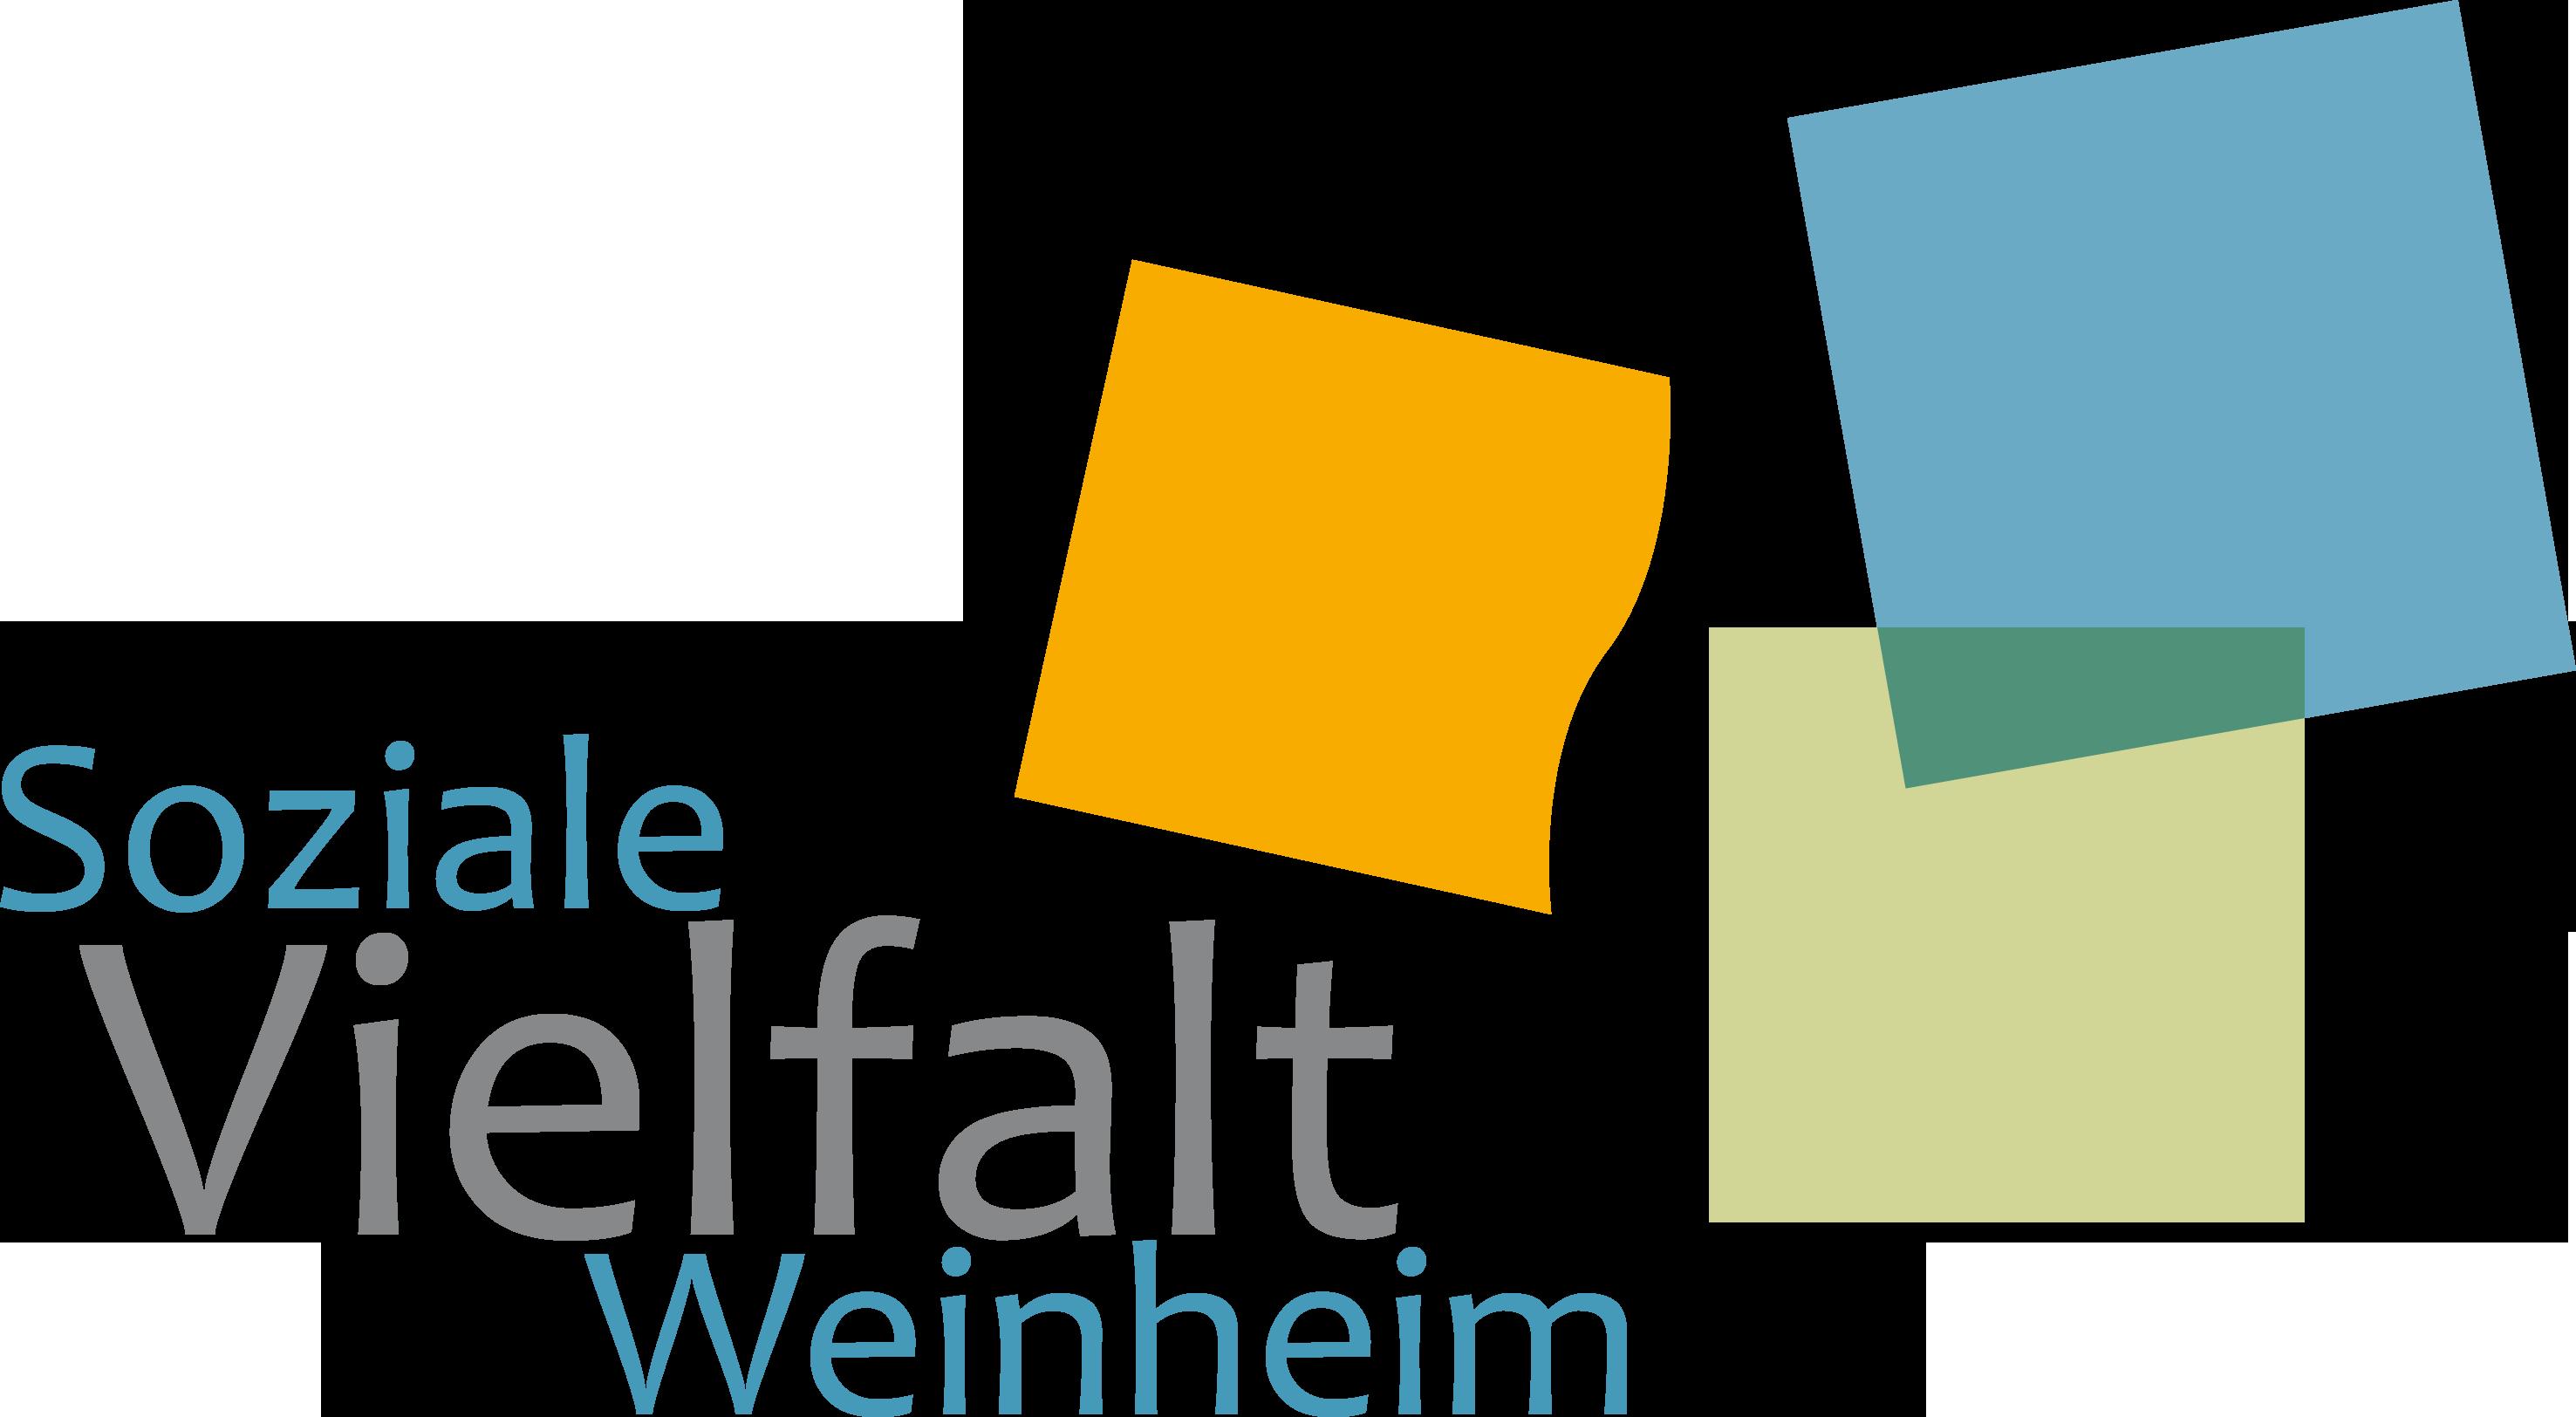 Soziale Vielfalt Weinheim